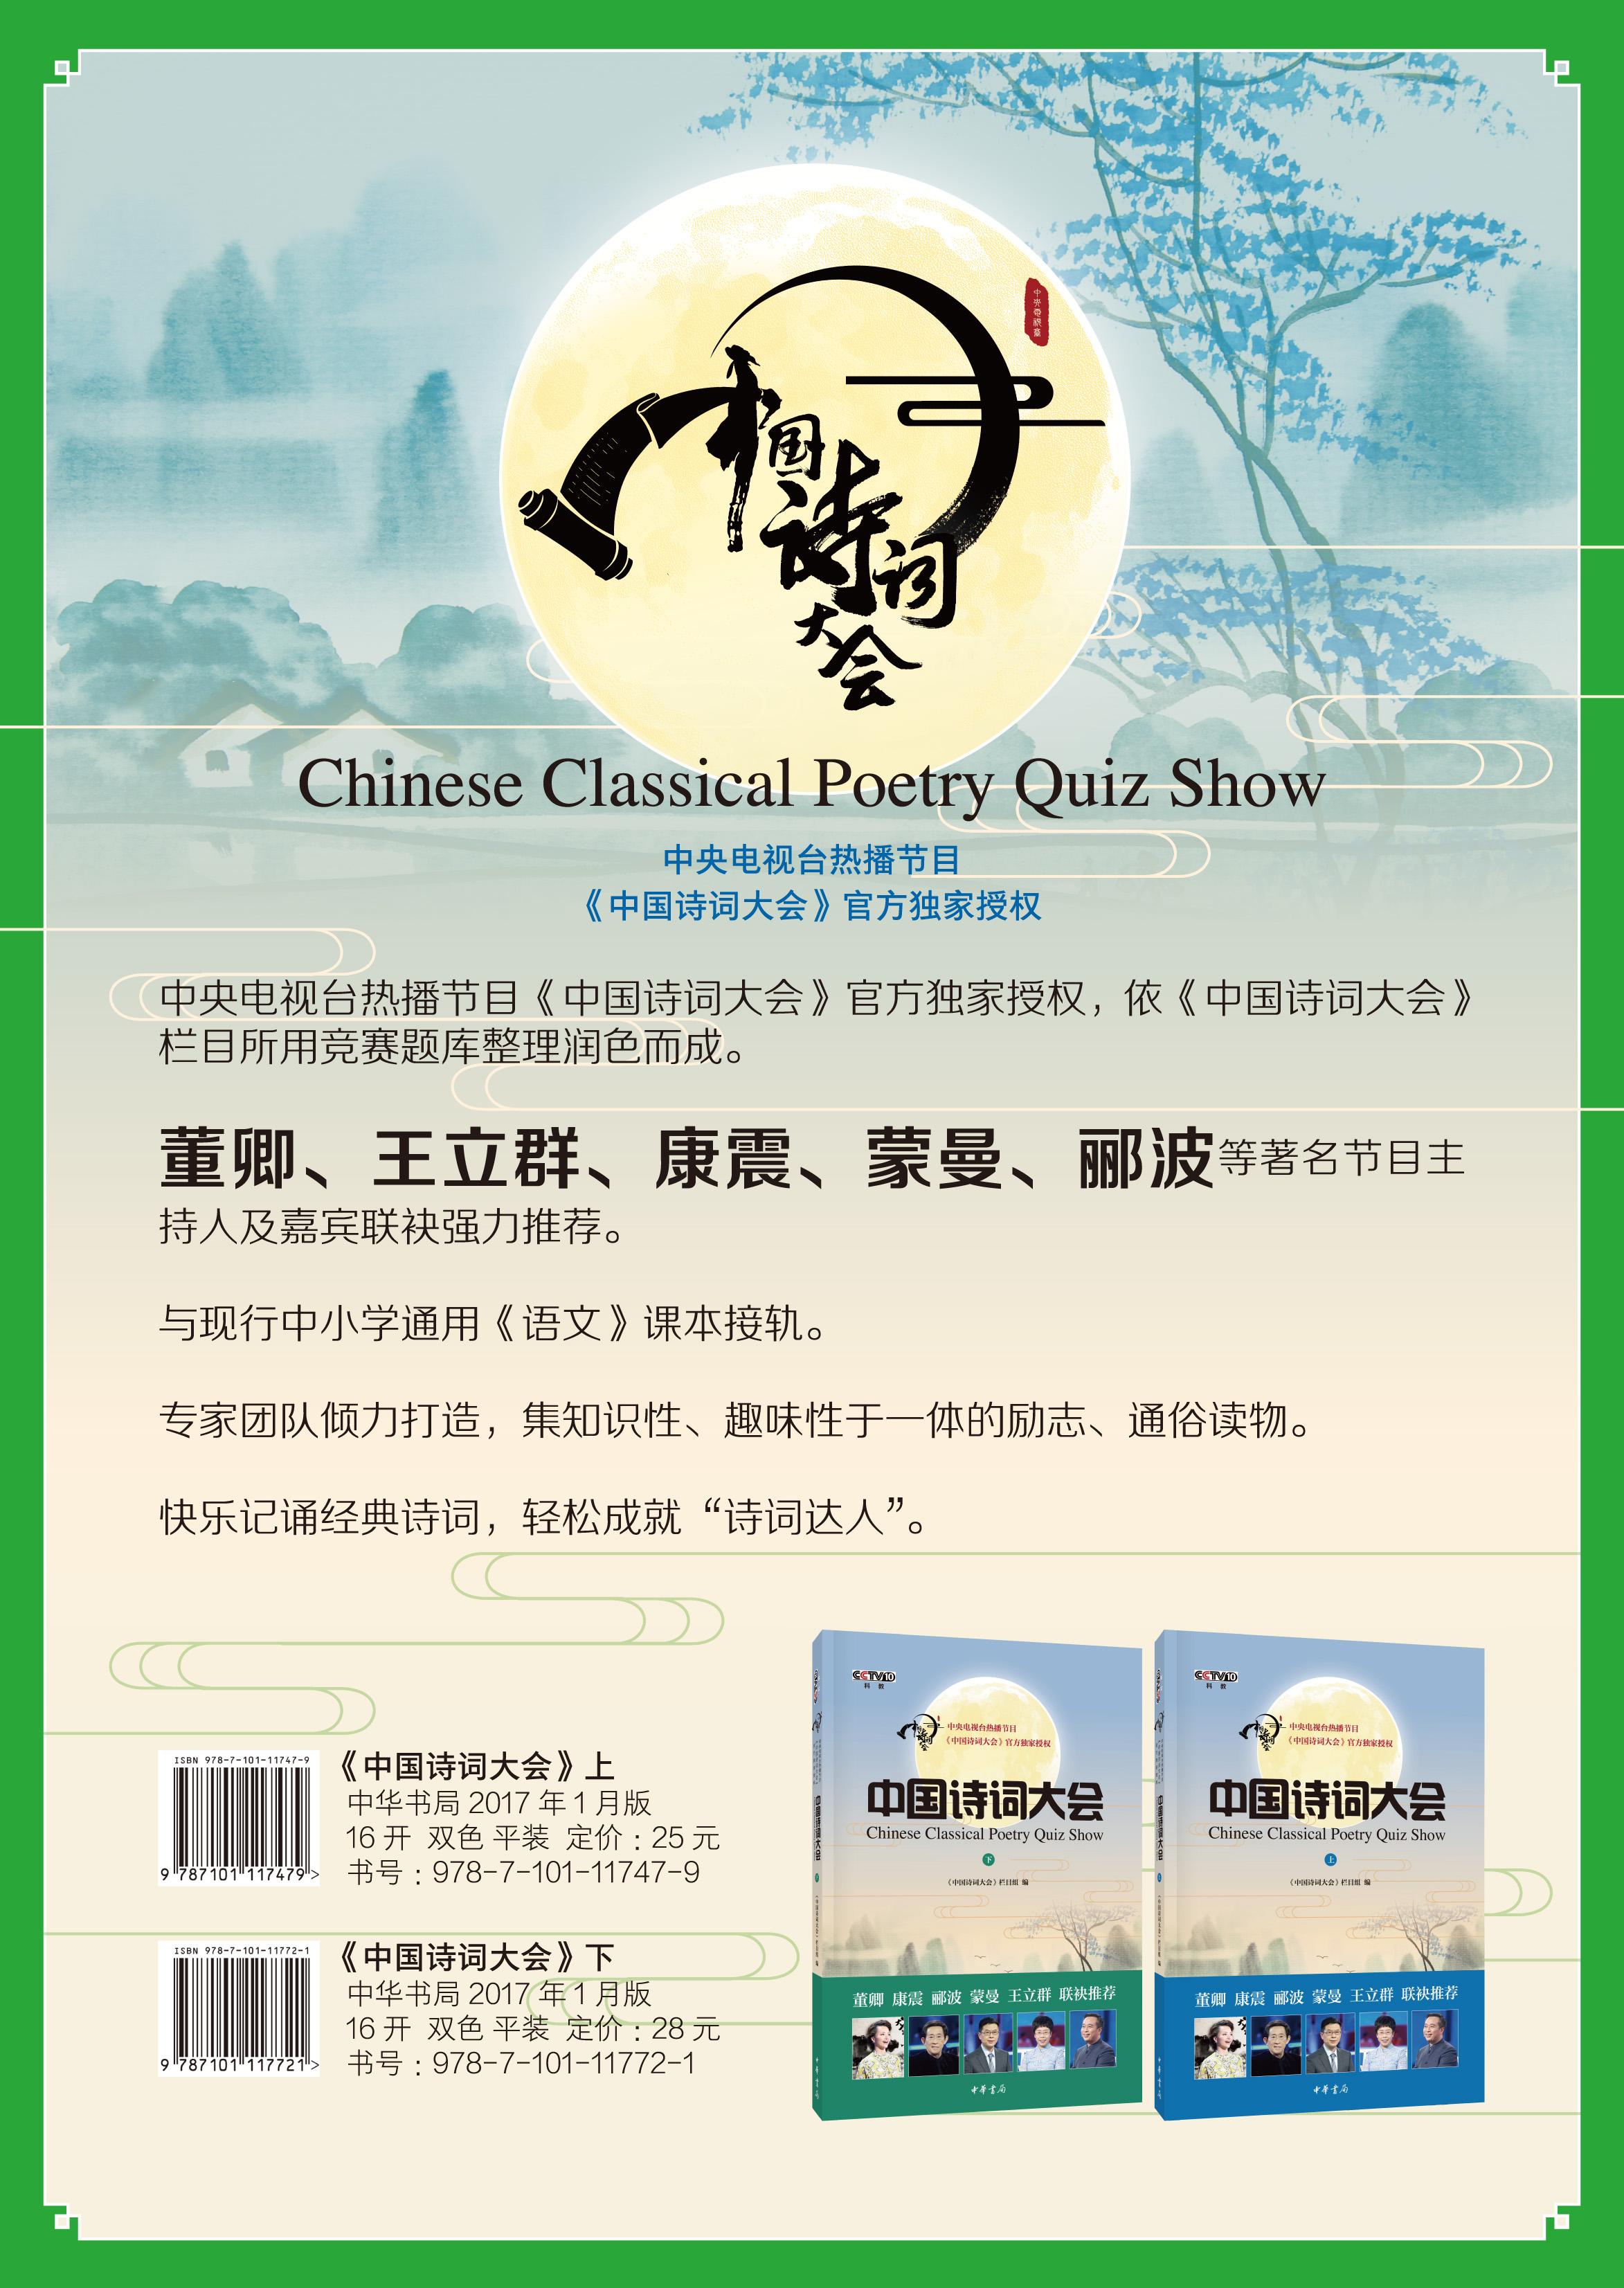 中国诗词大会电子海报.jpg